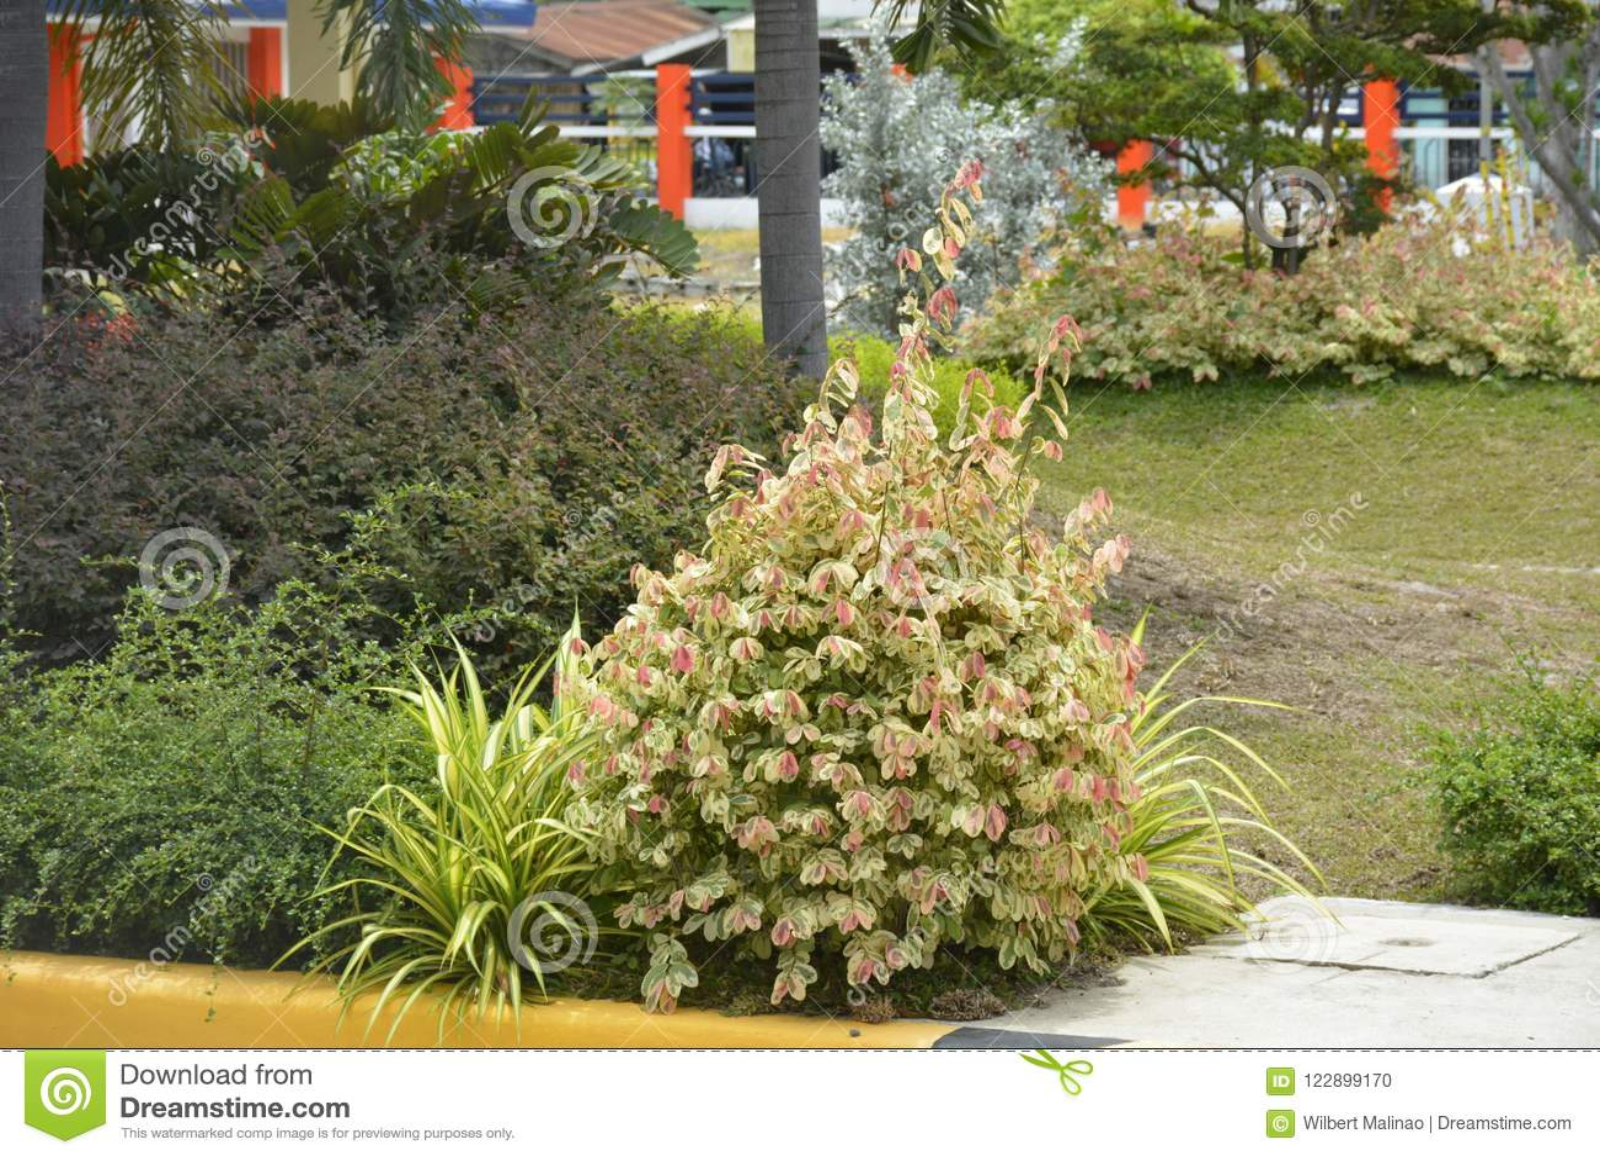 Plantas nos locais do escritório de DPWH, cidade de Digos, Davao del Sur, Filipinas